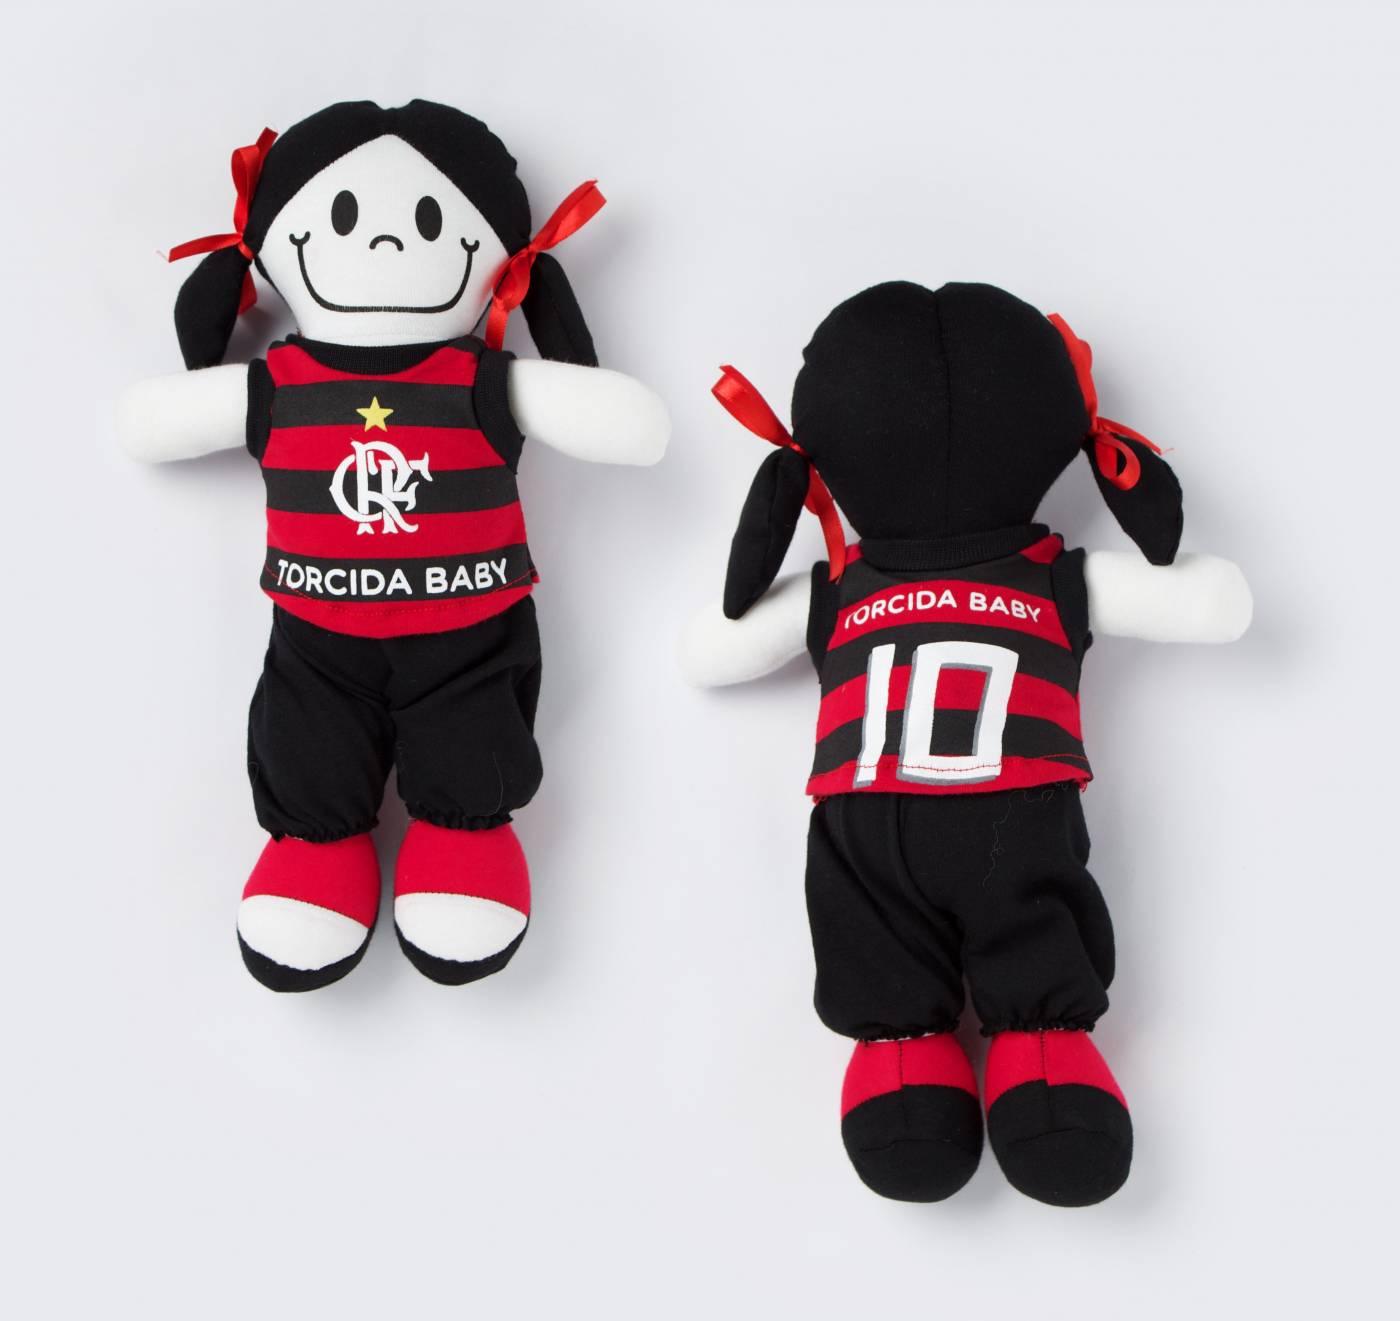 Boneca Flamengo infantil